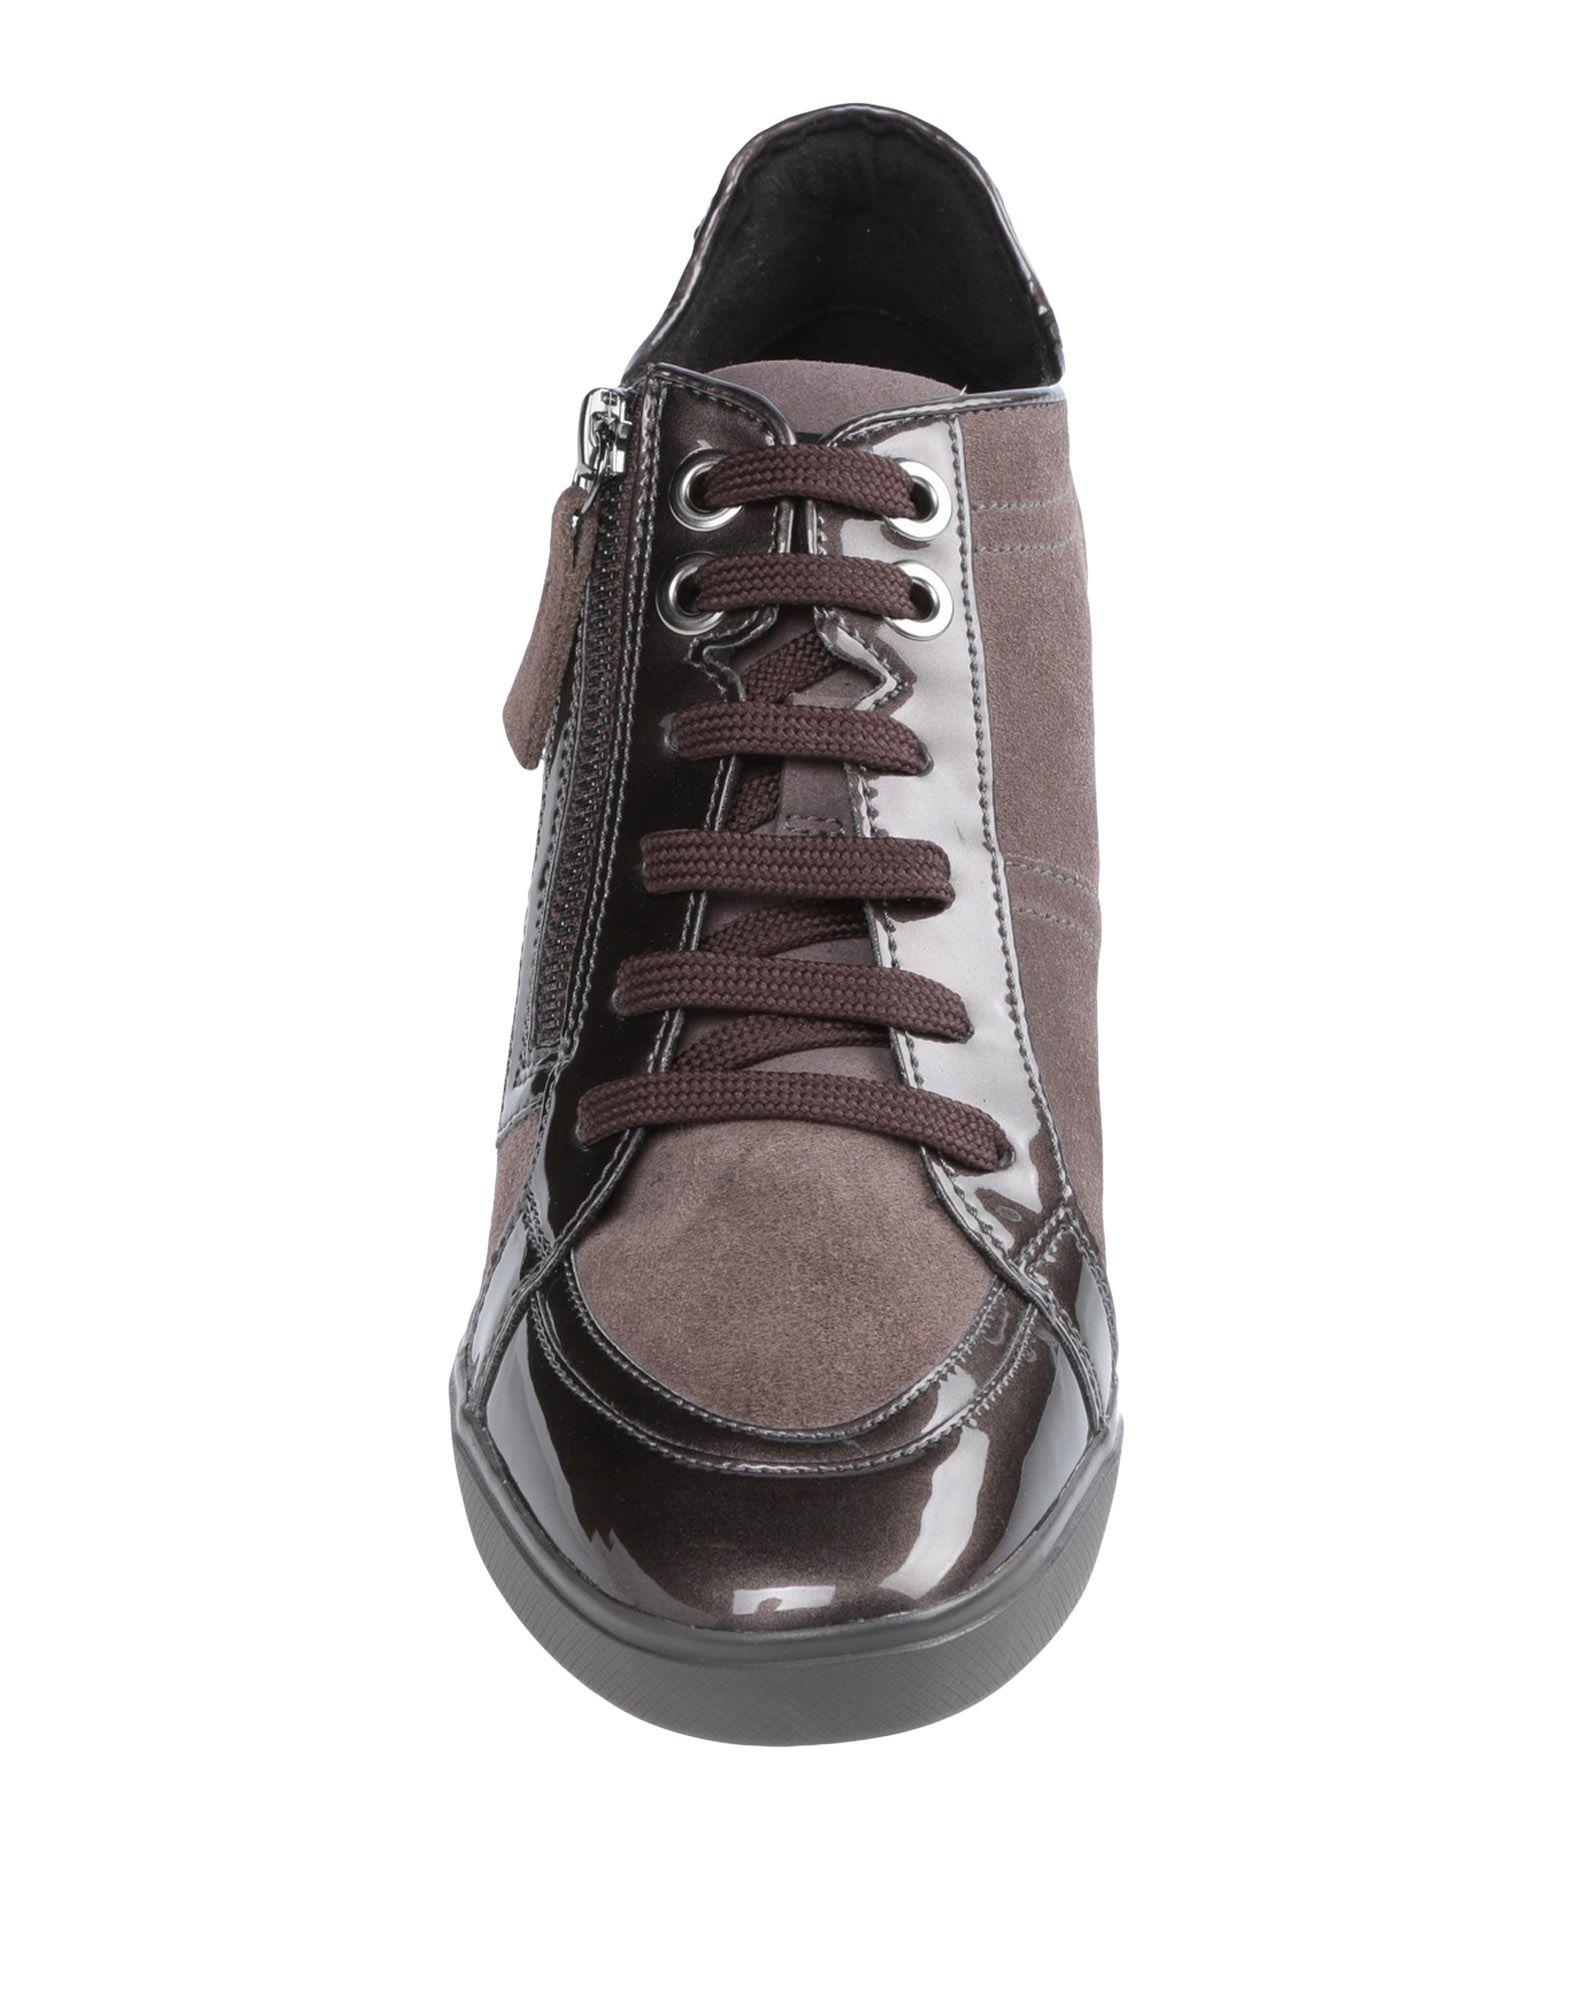 Schuhe Geox Sneakers Damen  11519829JQ Heiße Schuhe  a58c06